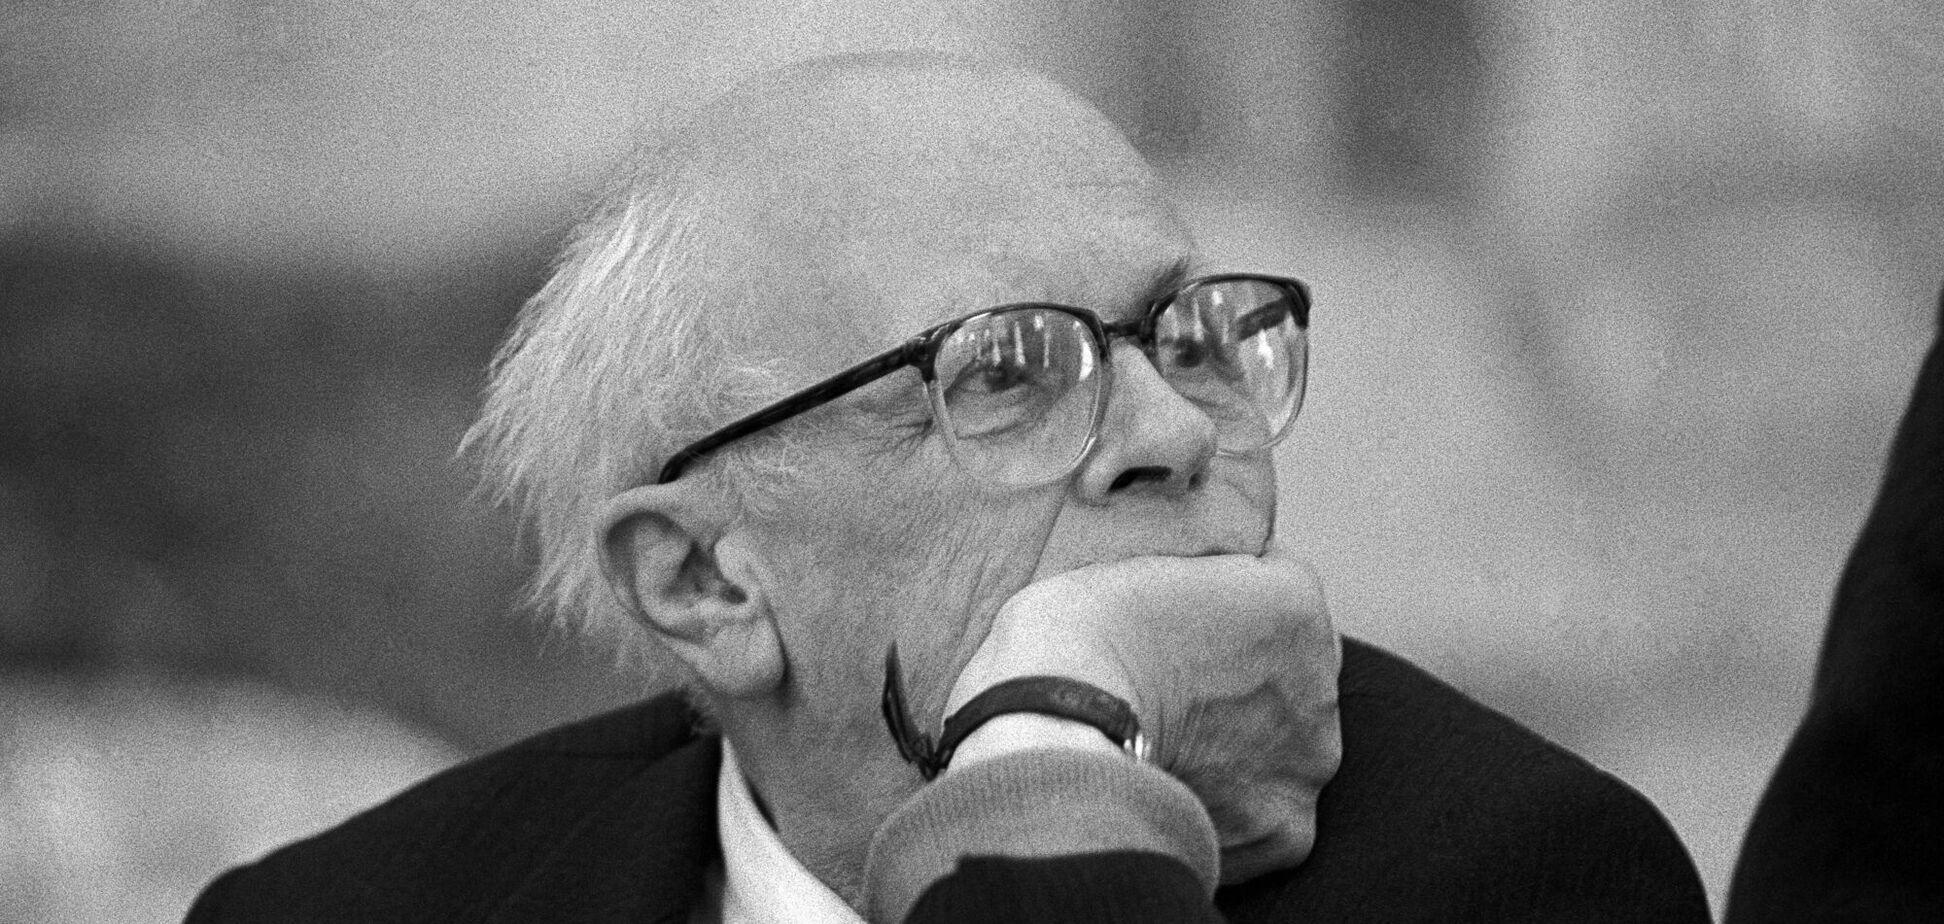 Академік Андрій Дмитрович Сахаров народився 21 травня 1921 року